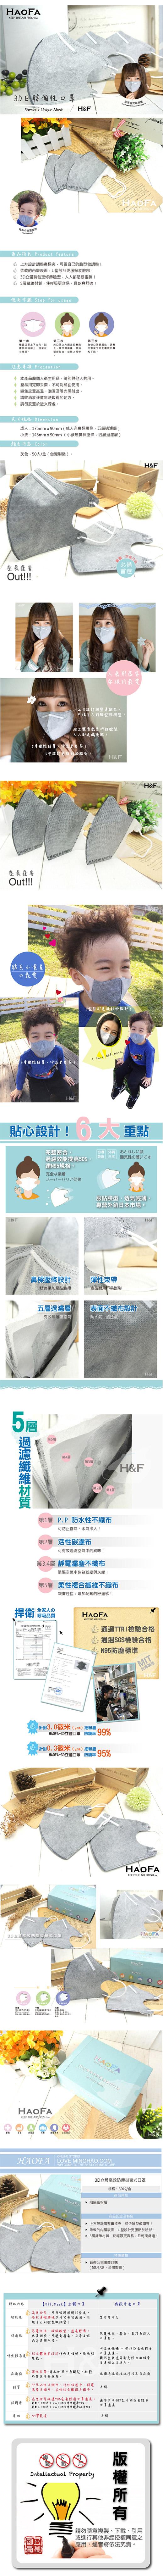 活性碳口罩團購(1).jpg